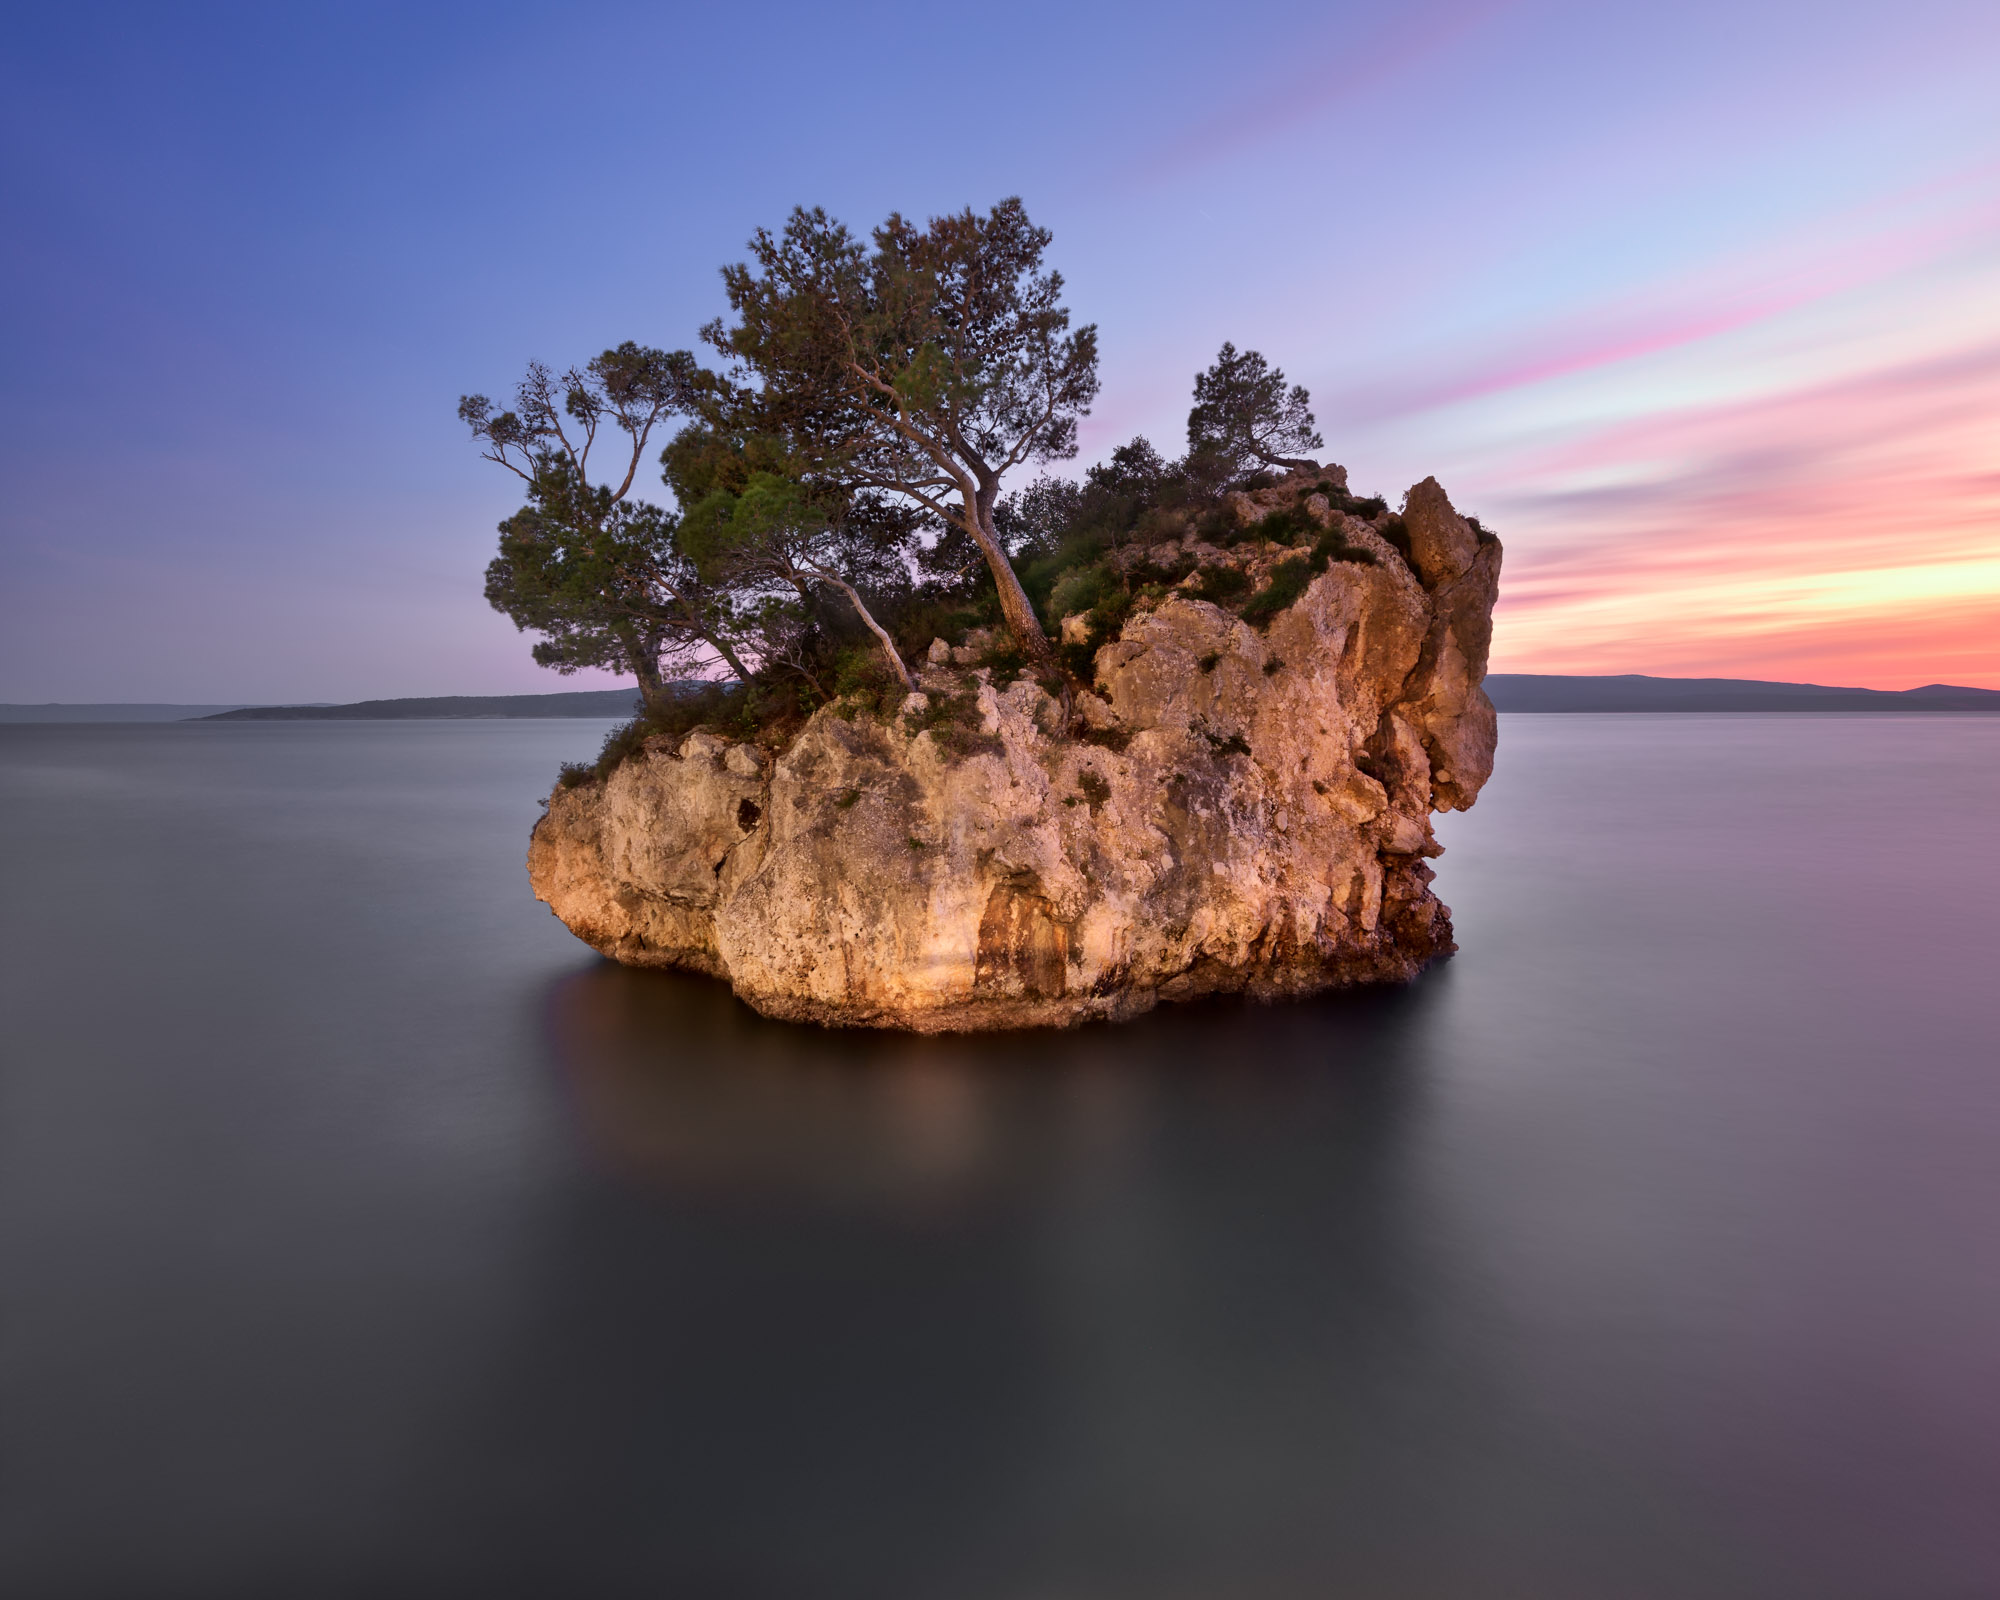 Brela Rock in the Evening, Dalmatia, Croatia